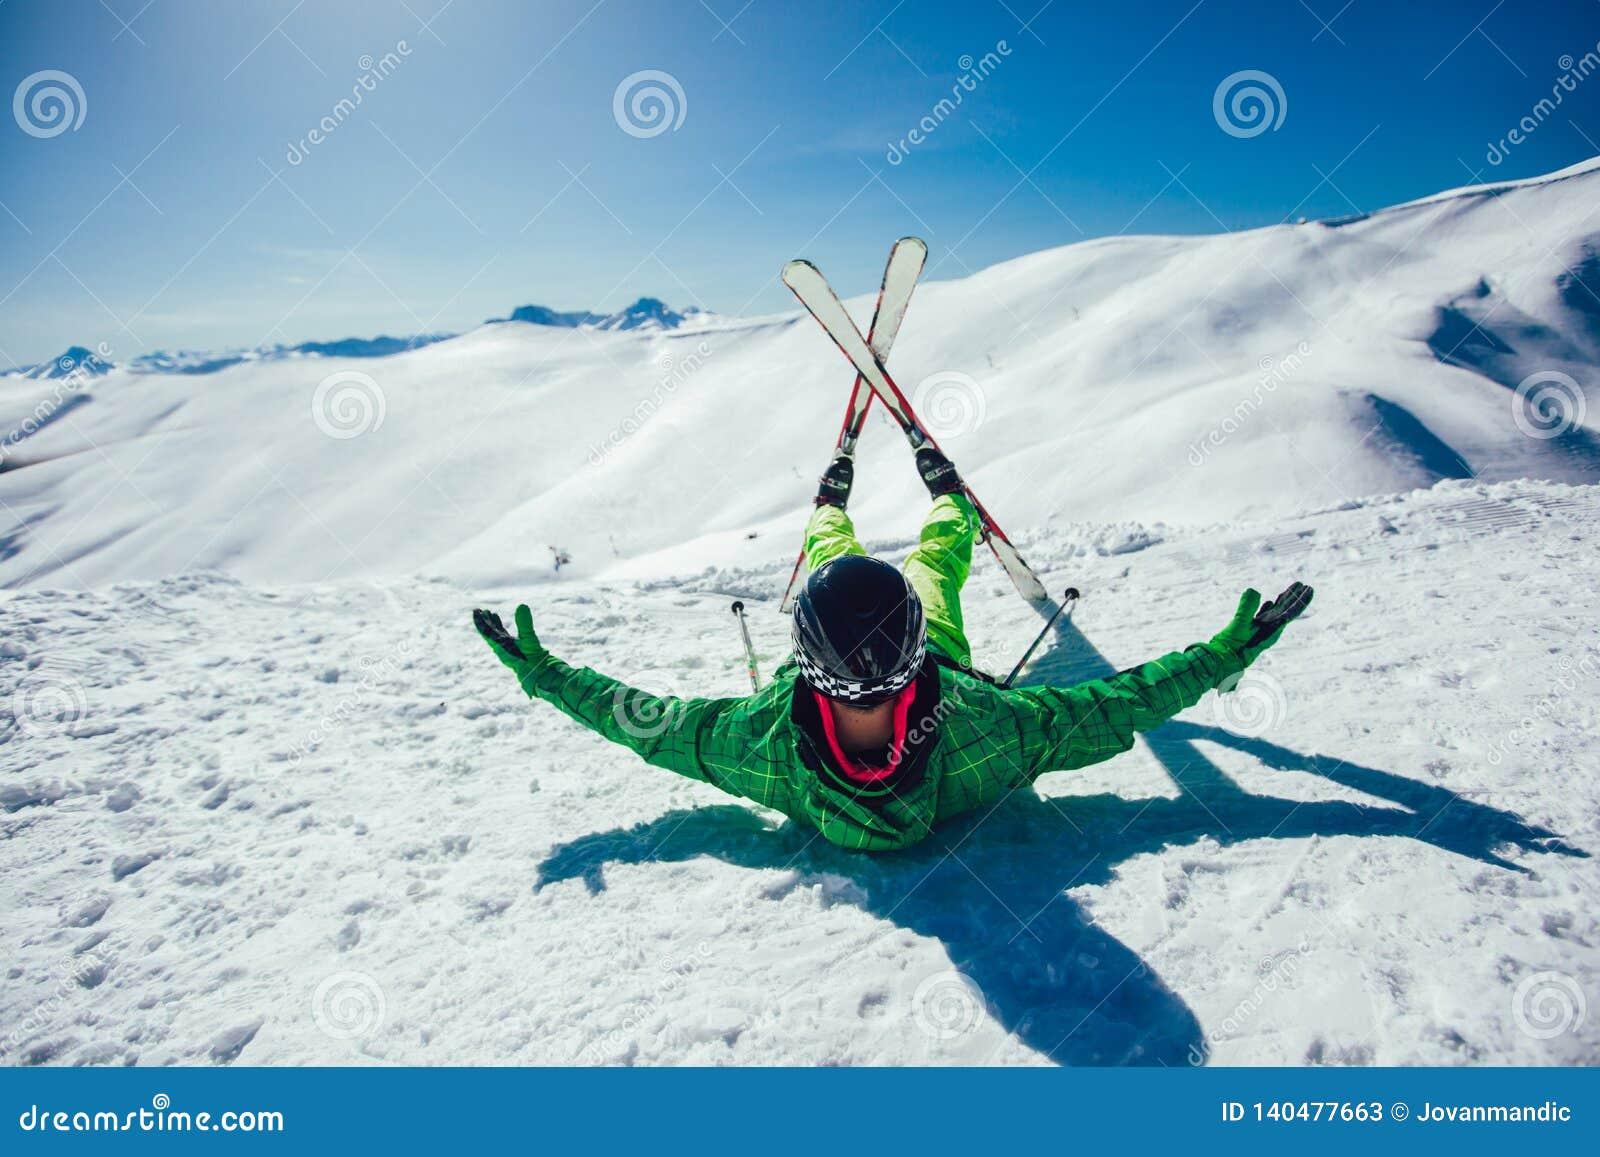 Лыжник лежа на горнолыжном склоне на солнечном дне